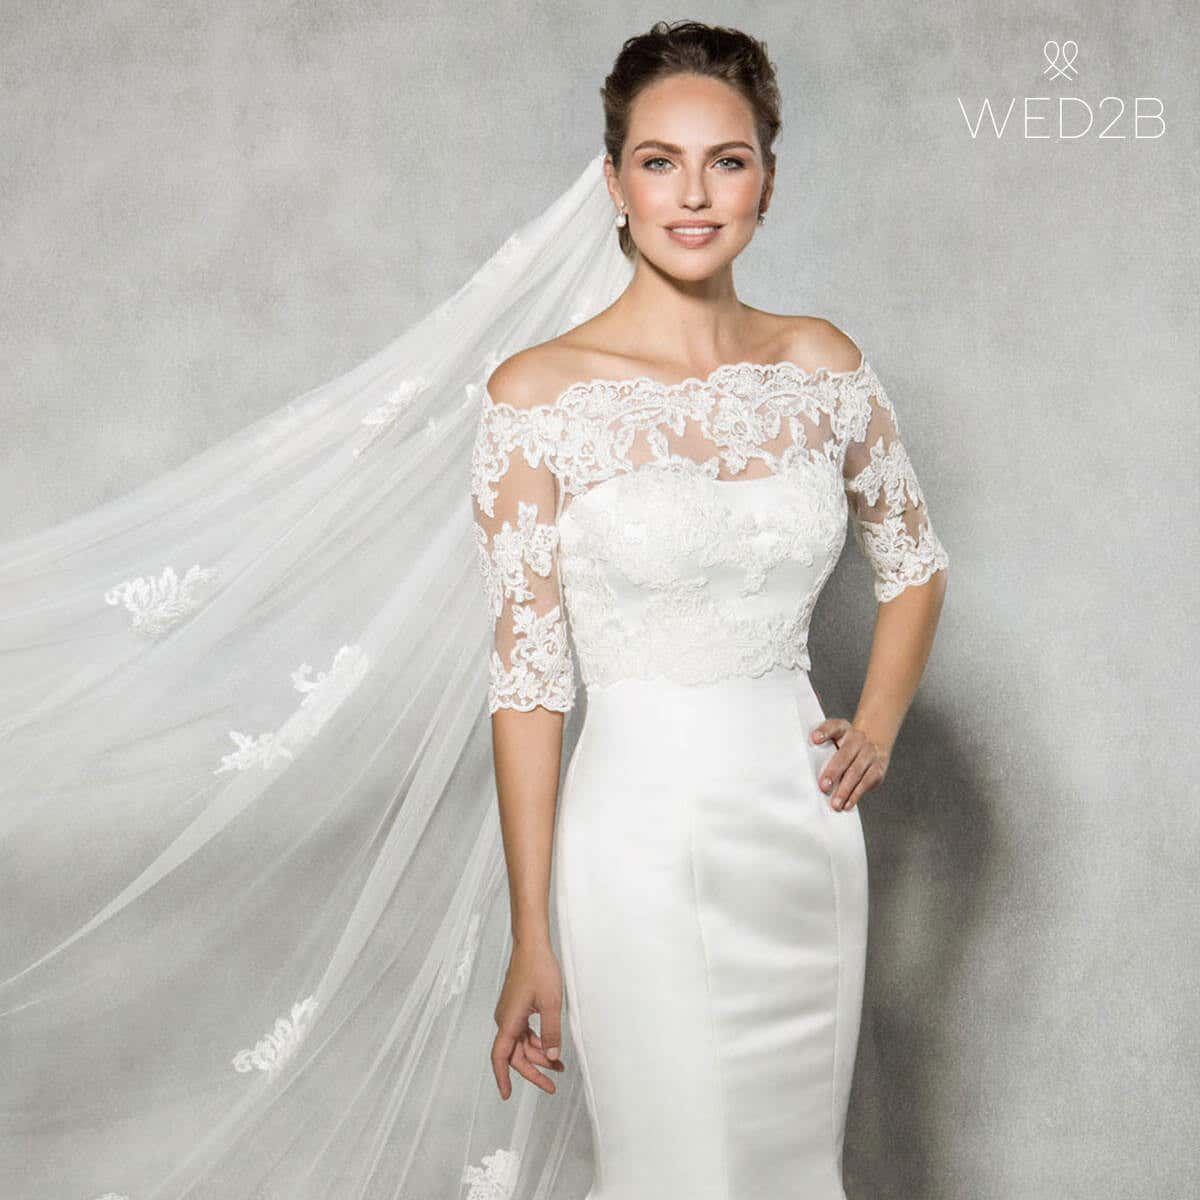 Elegant Wedding Gowns For Older Brides: Tips On Choosing Wedding Dresses For Older Brides